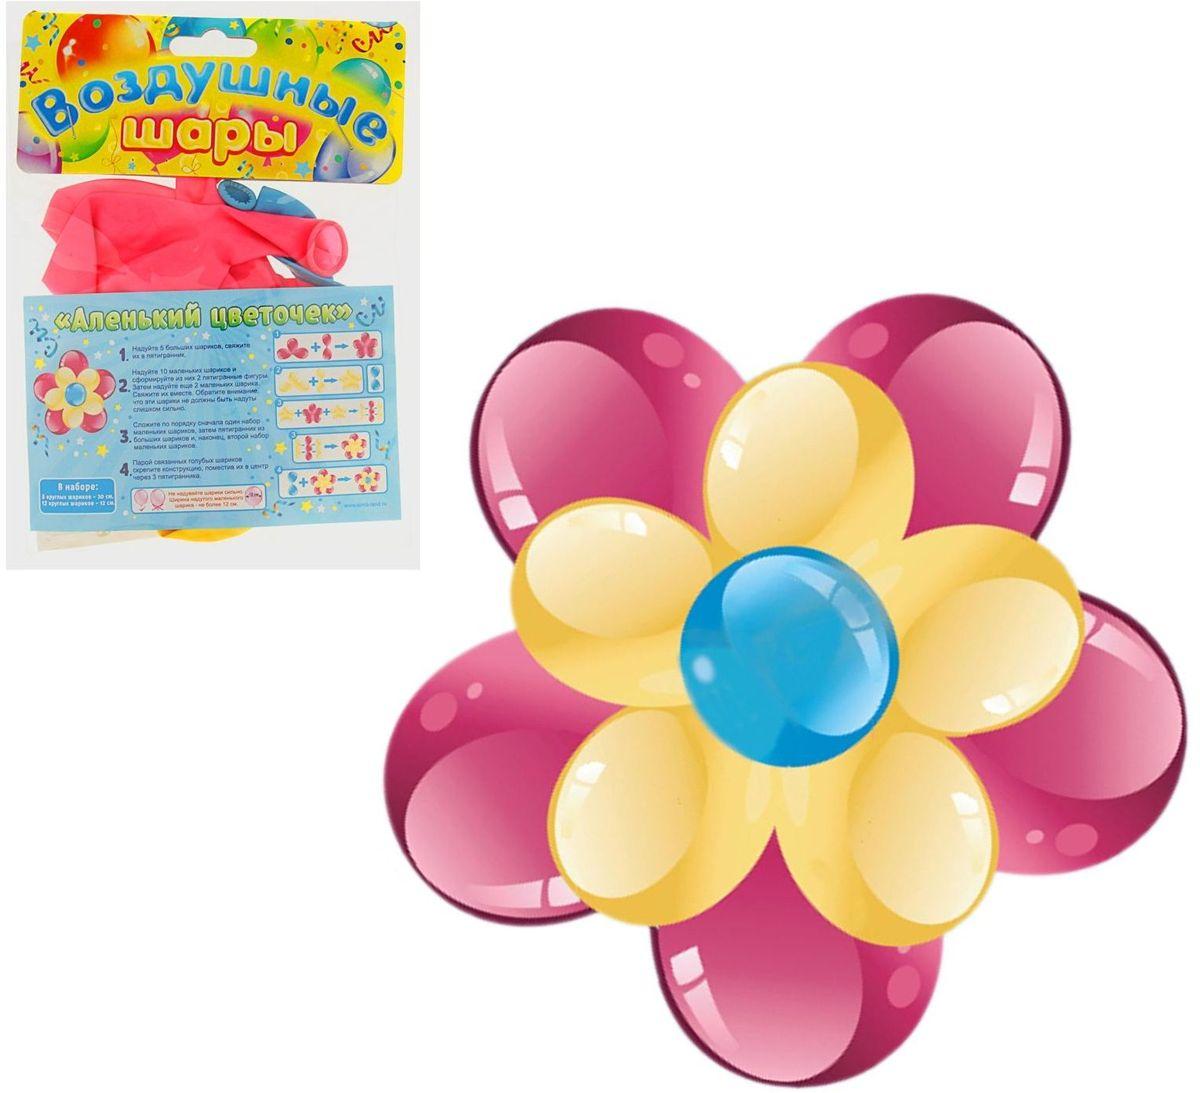 Страна Карнавалия Набор воздушных шаров Обьемный цветок 17 шт 305679